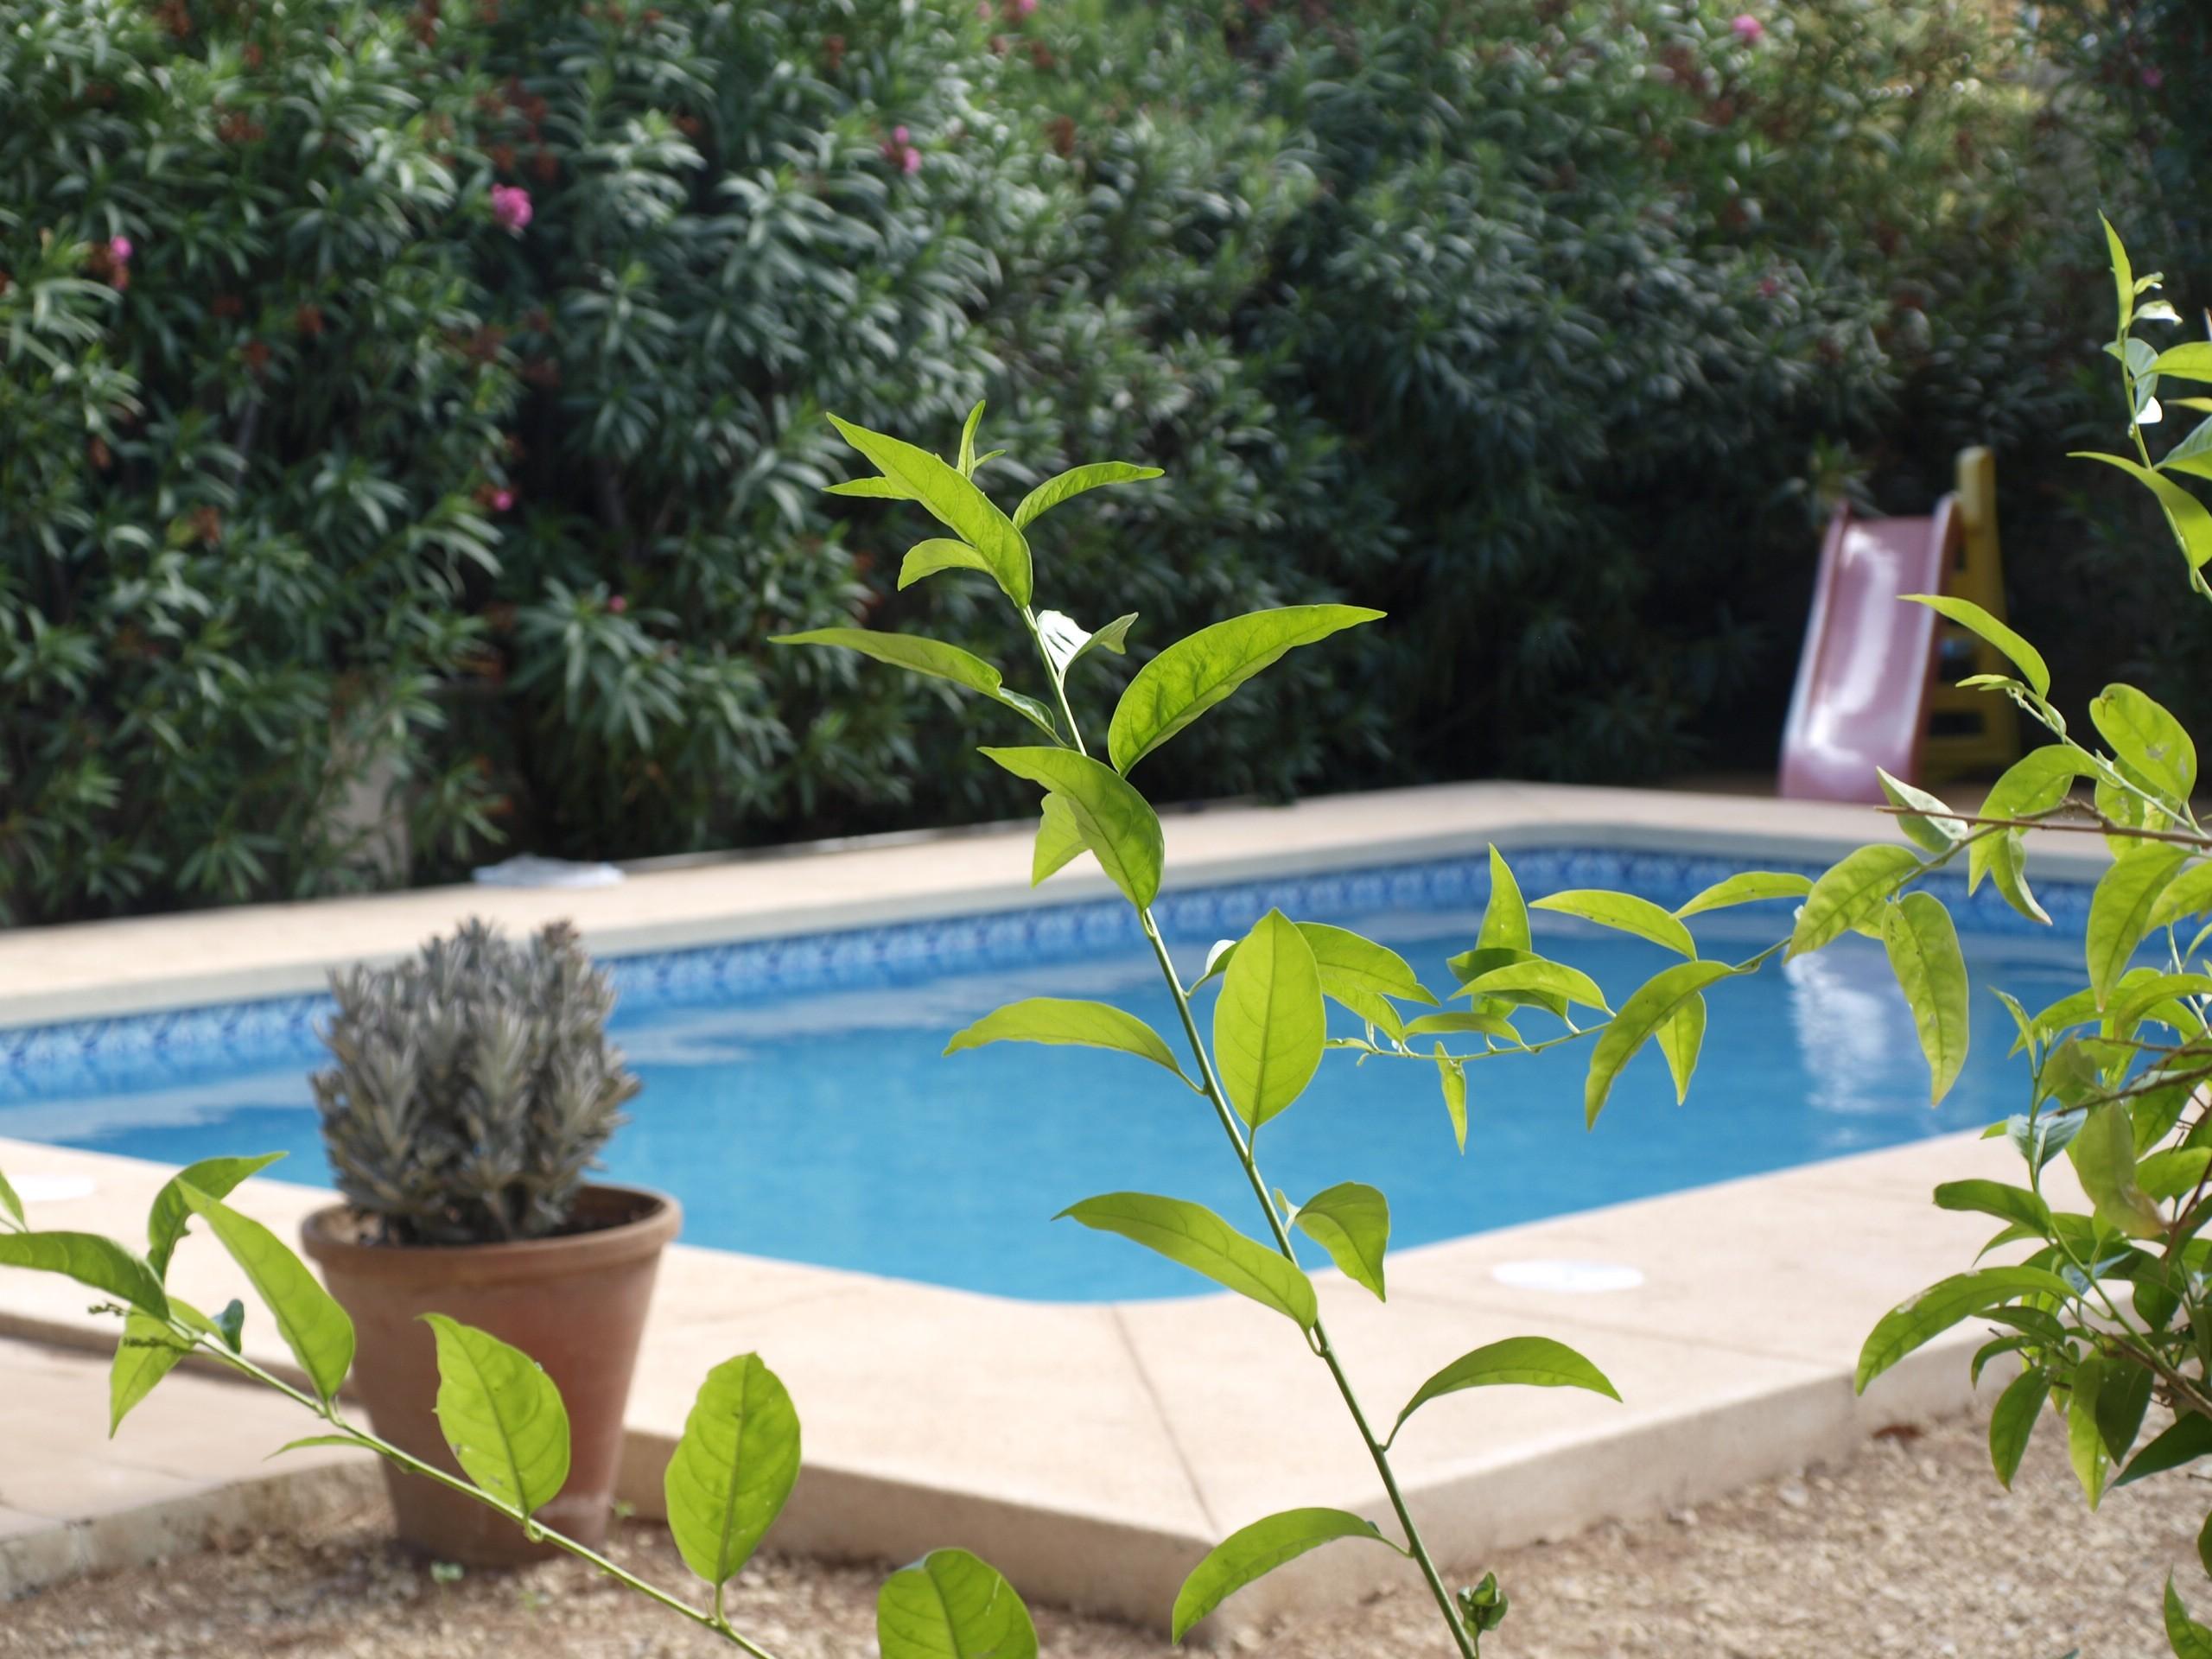 Beautiful 10 pers. villa in amazing location with private pool & terraces Alfaz del Pi Ref. 472